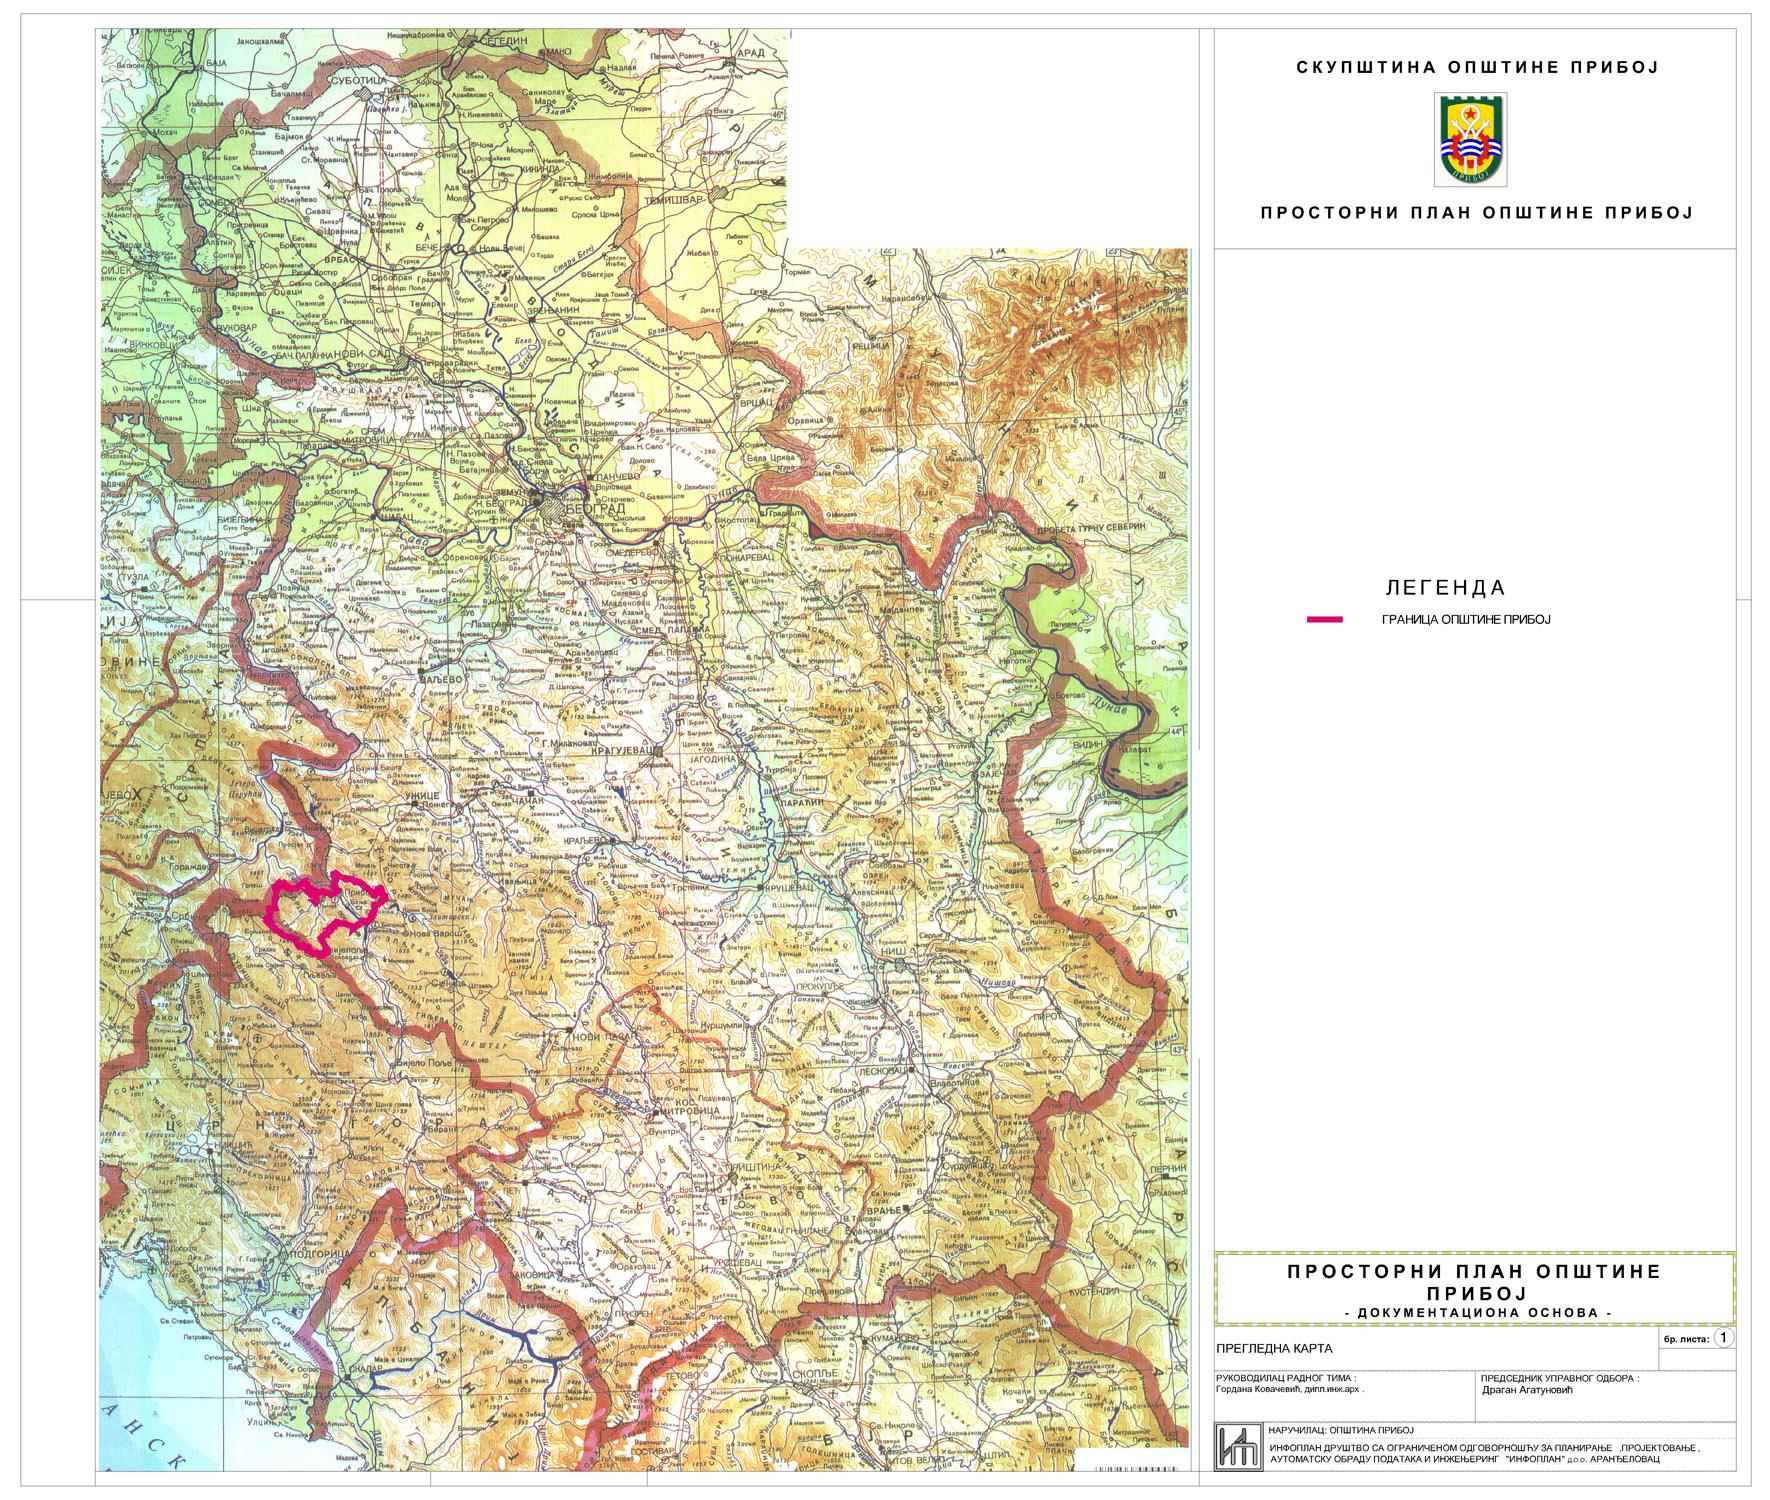 karta srbije reljef Urbanizam   Општина Прибој karta srbije reljef